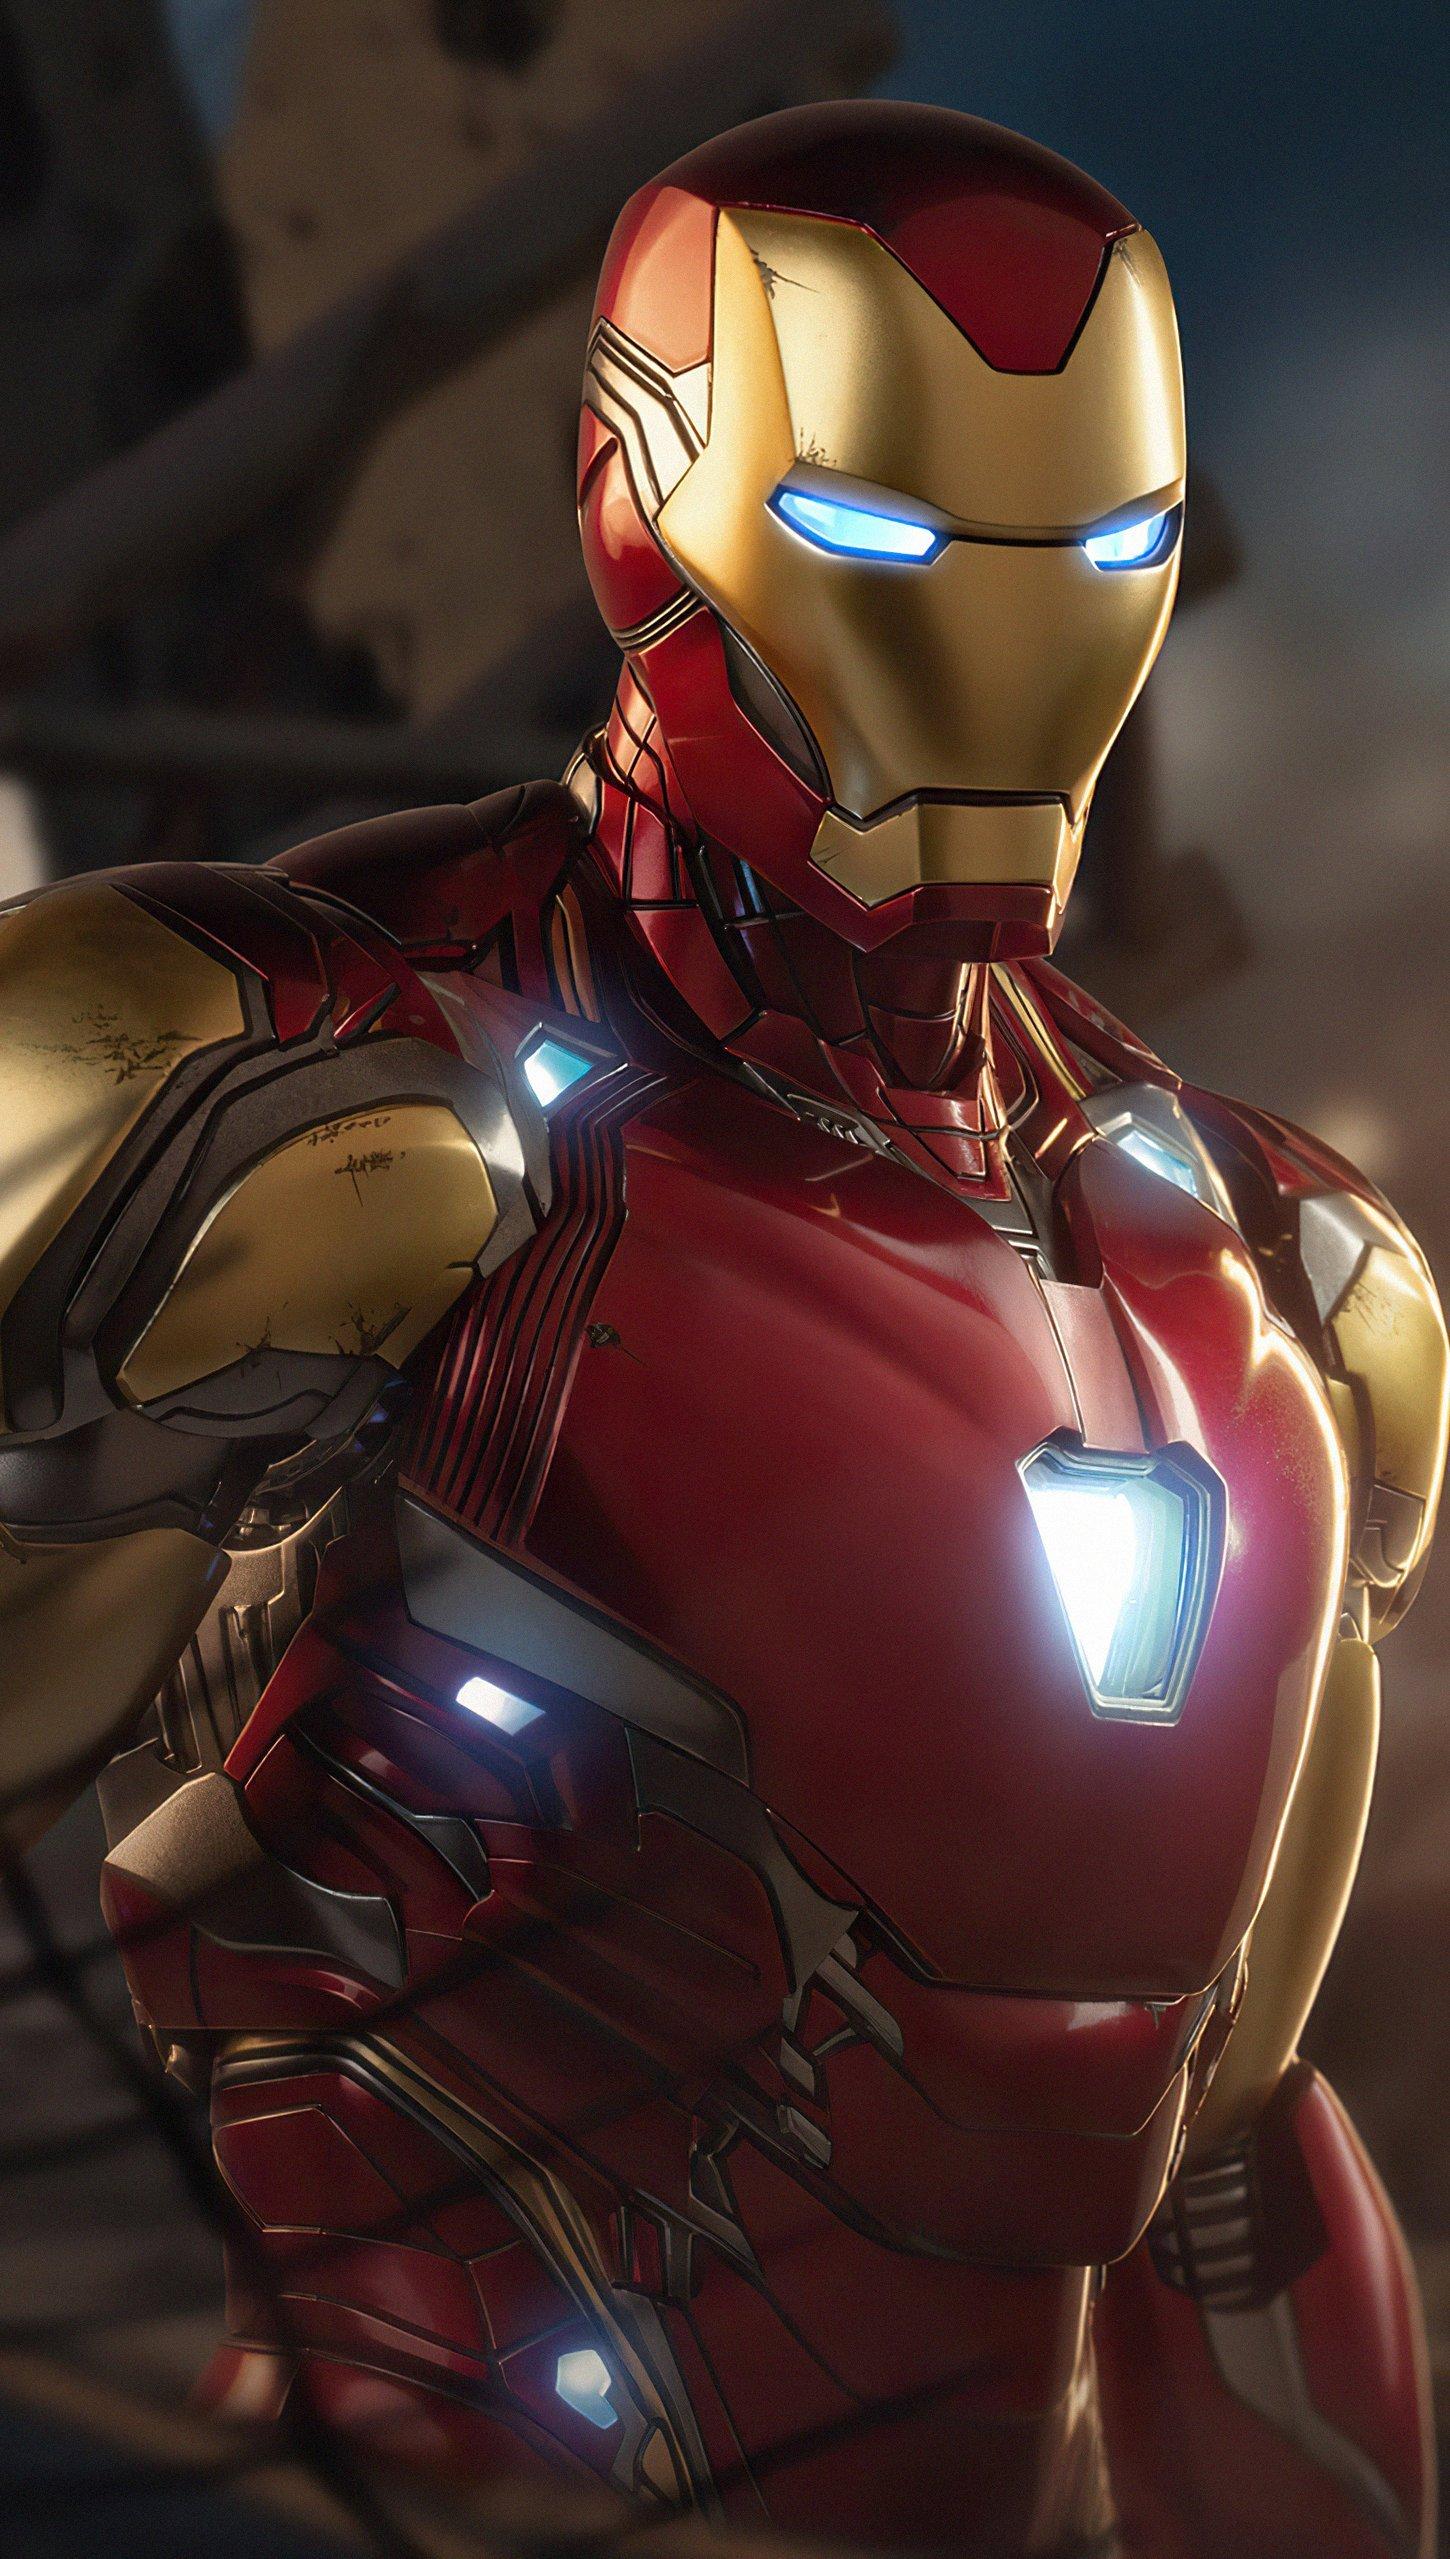 Wallpaper Iron Man Avengers 4 Vertical